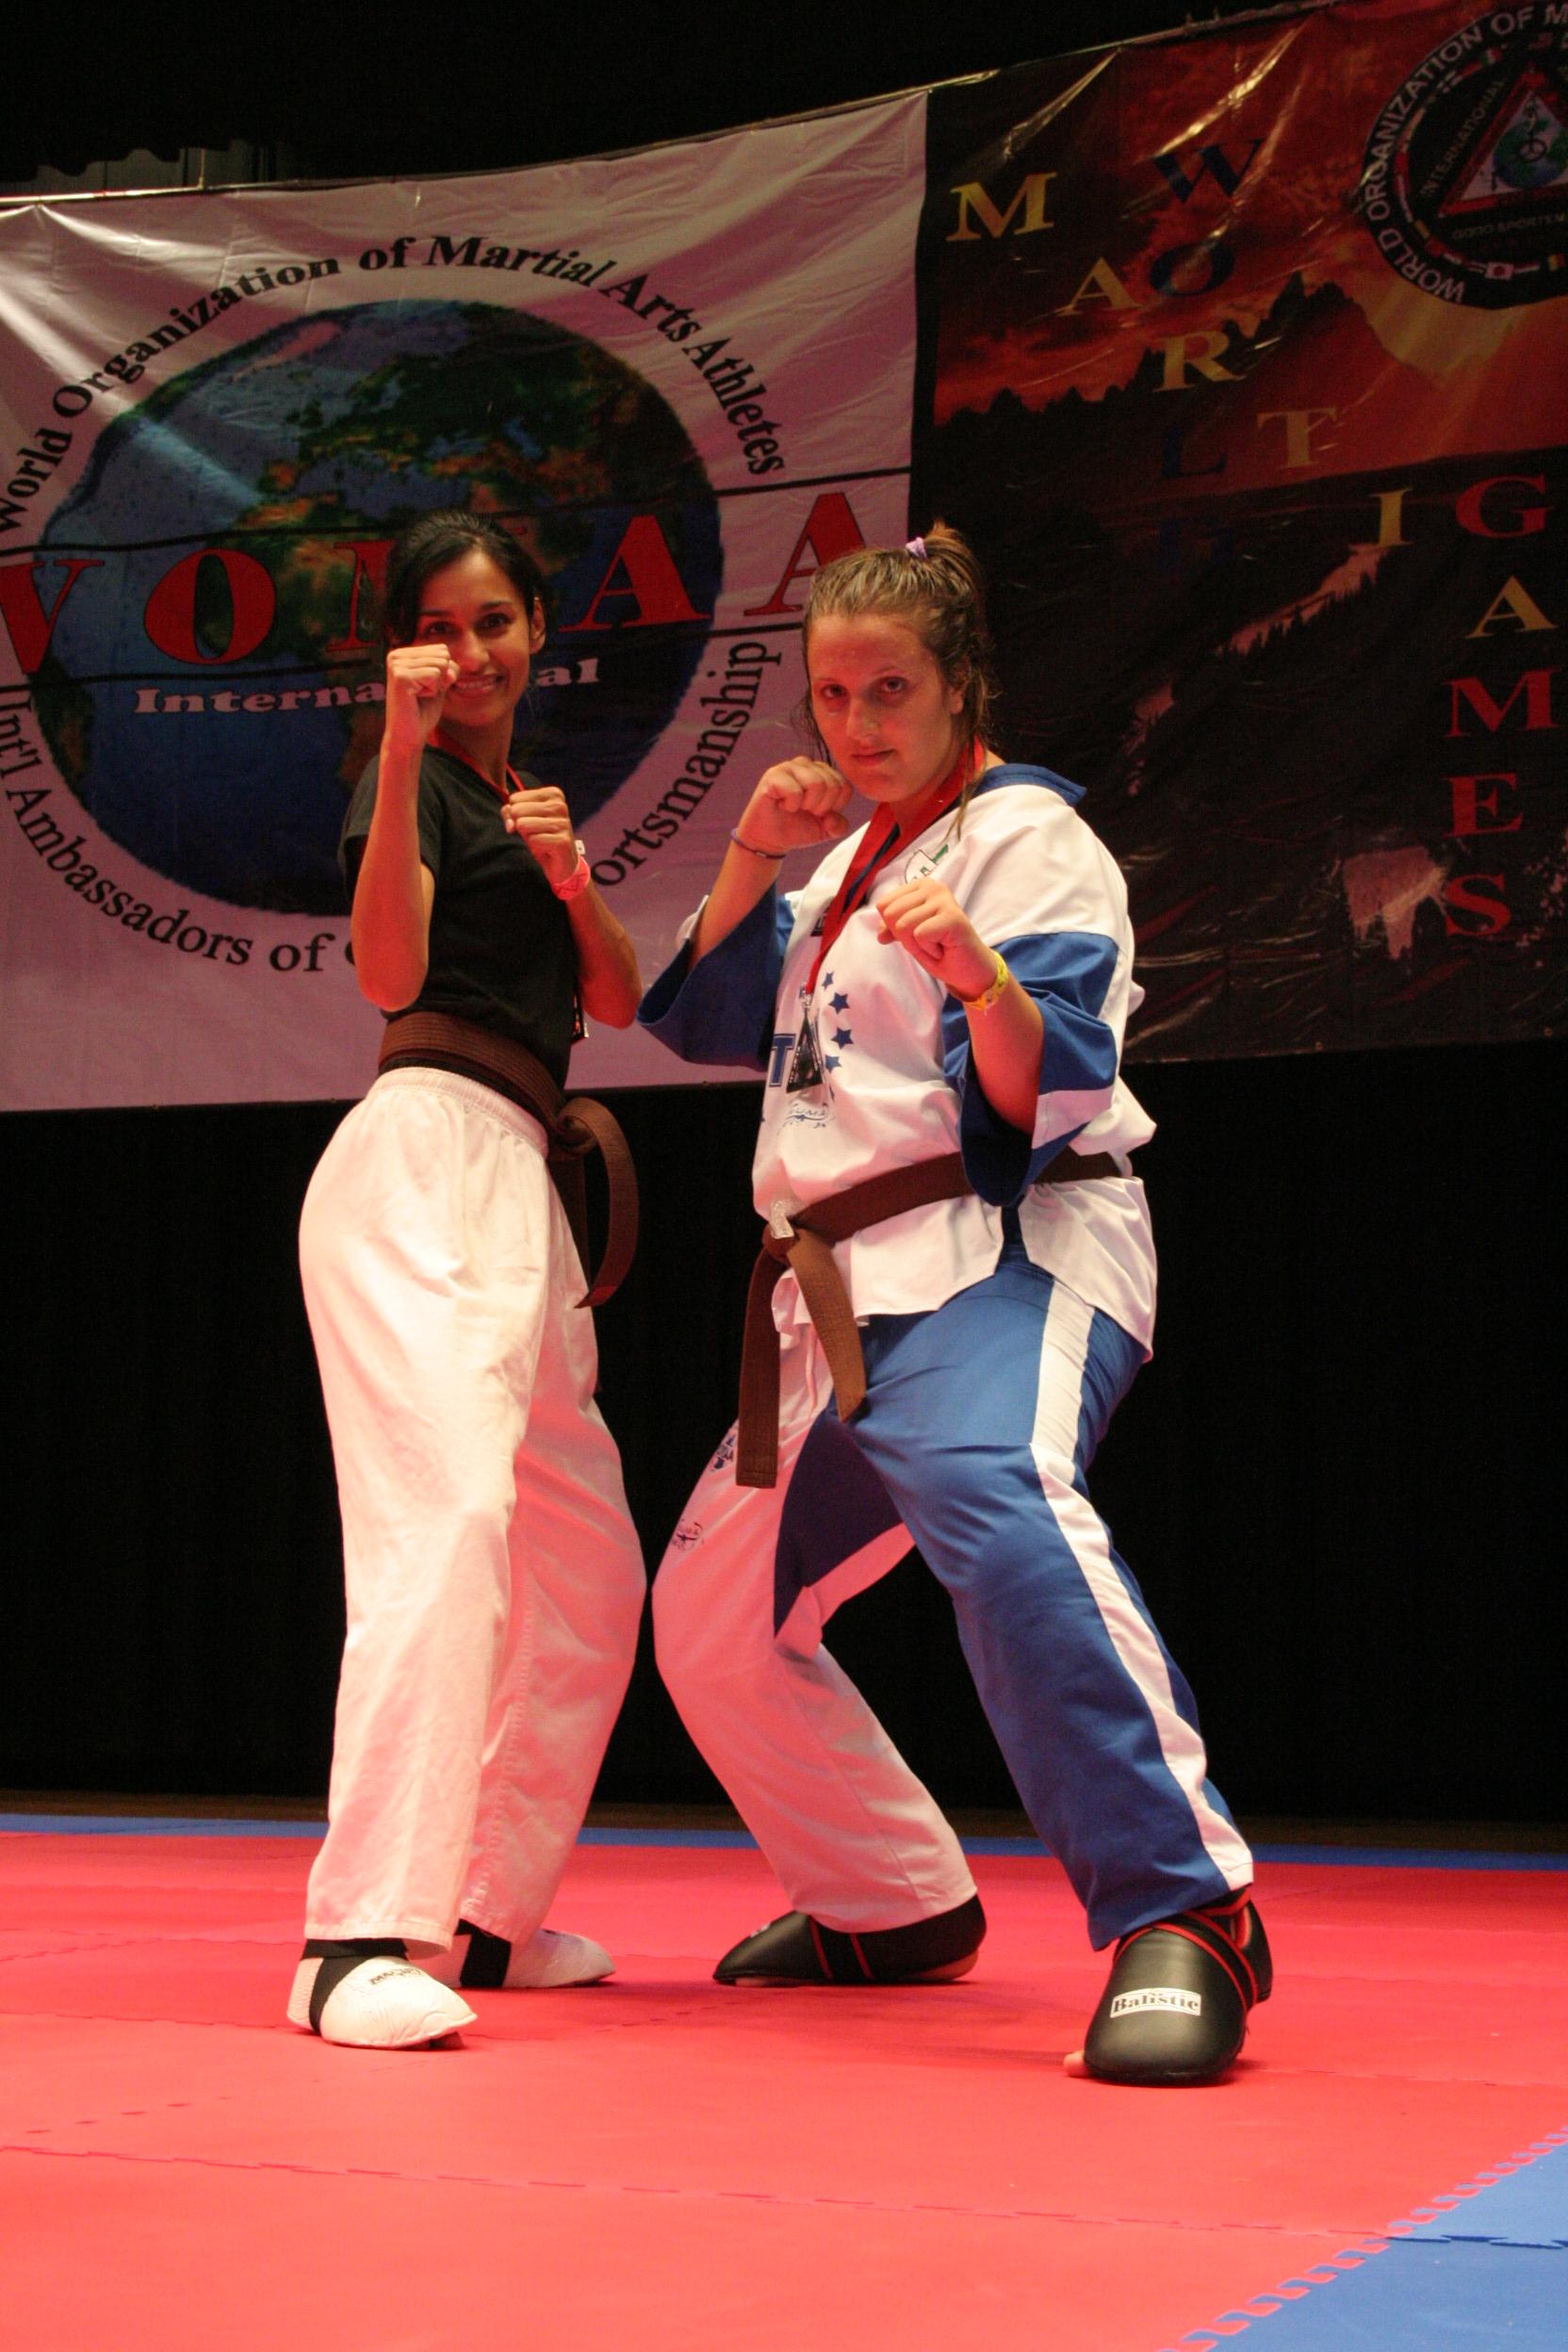 istruttori jkd milano Speringo Barbara campione Mondiale 2009